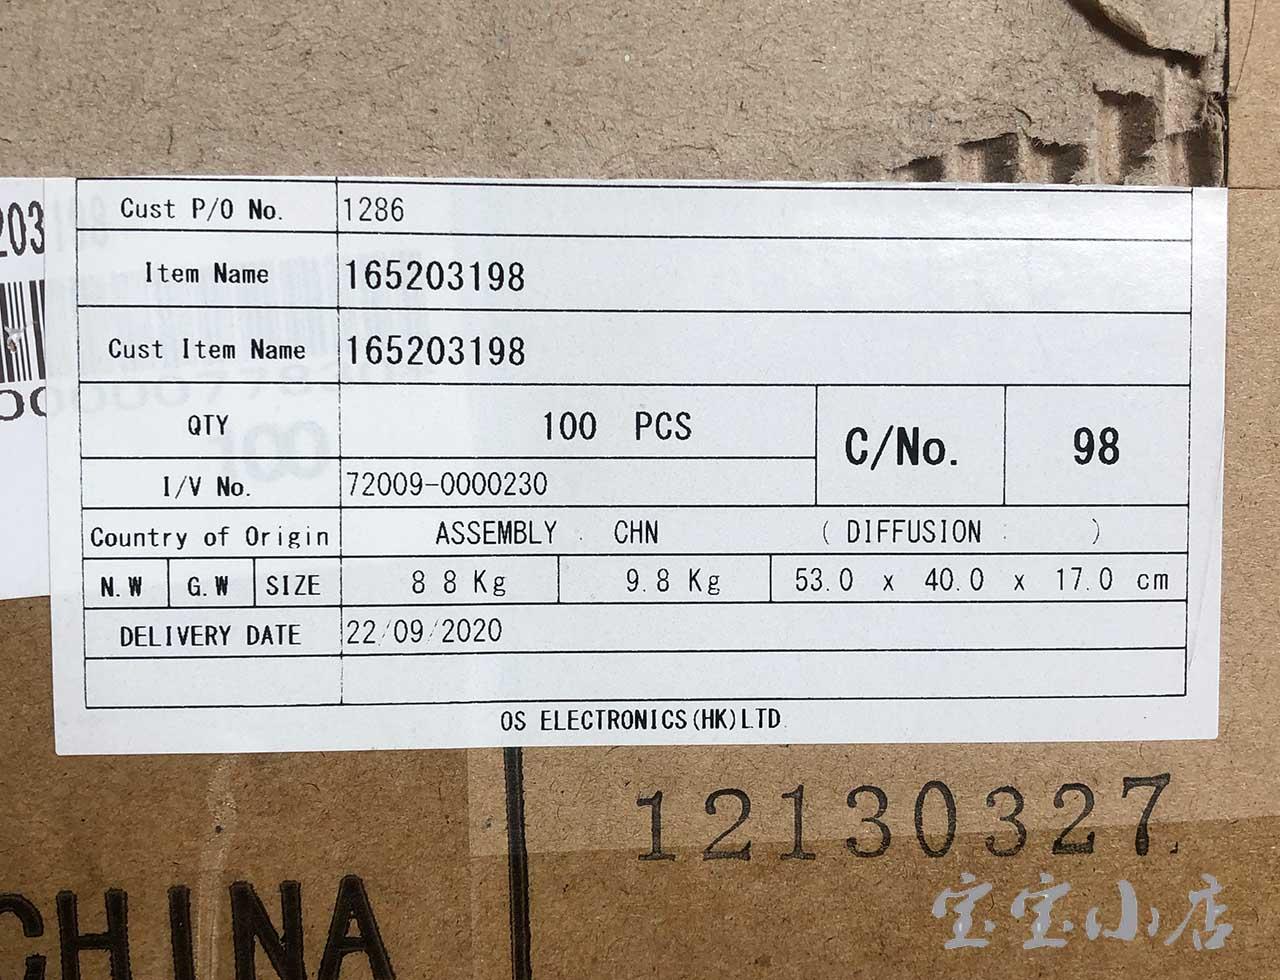 全新原装尼康MH-27充电器 微单相机1 J1 J2 J3 V3 EN-EL20电池座充 拆解 真假识别教程